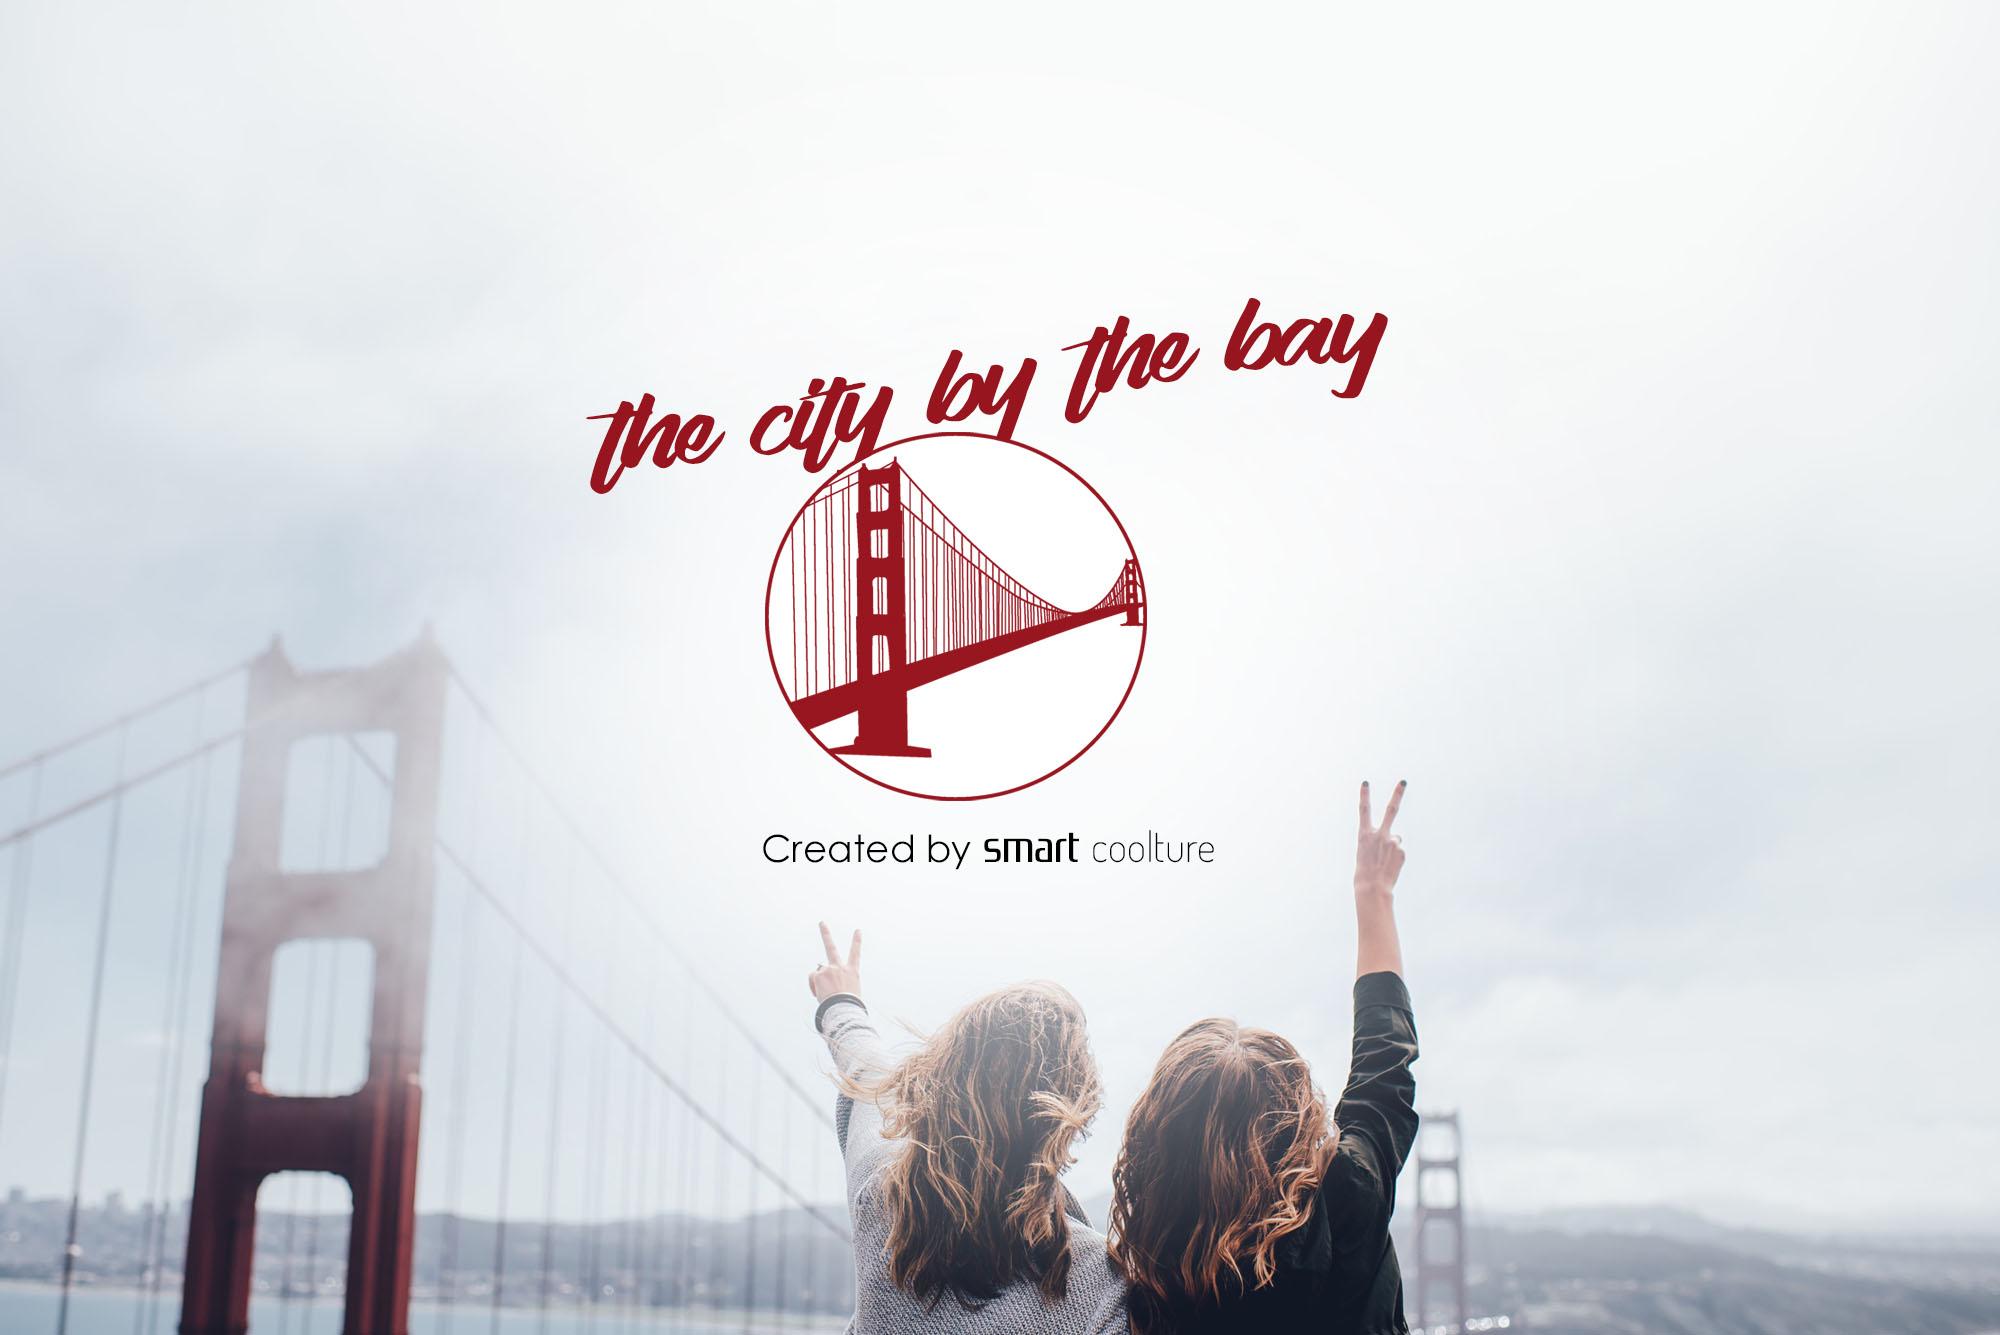 Turismo virtual - Experiencias virtuales - smart coolture - Experiencias virtuales, realidad virtual, vídeos 360 y drones